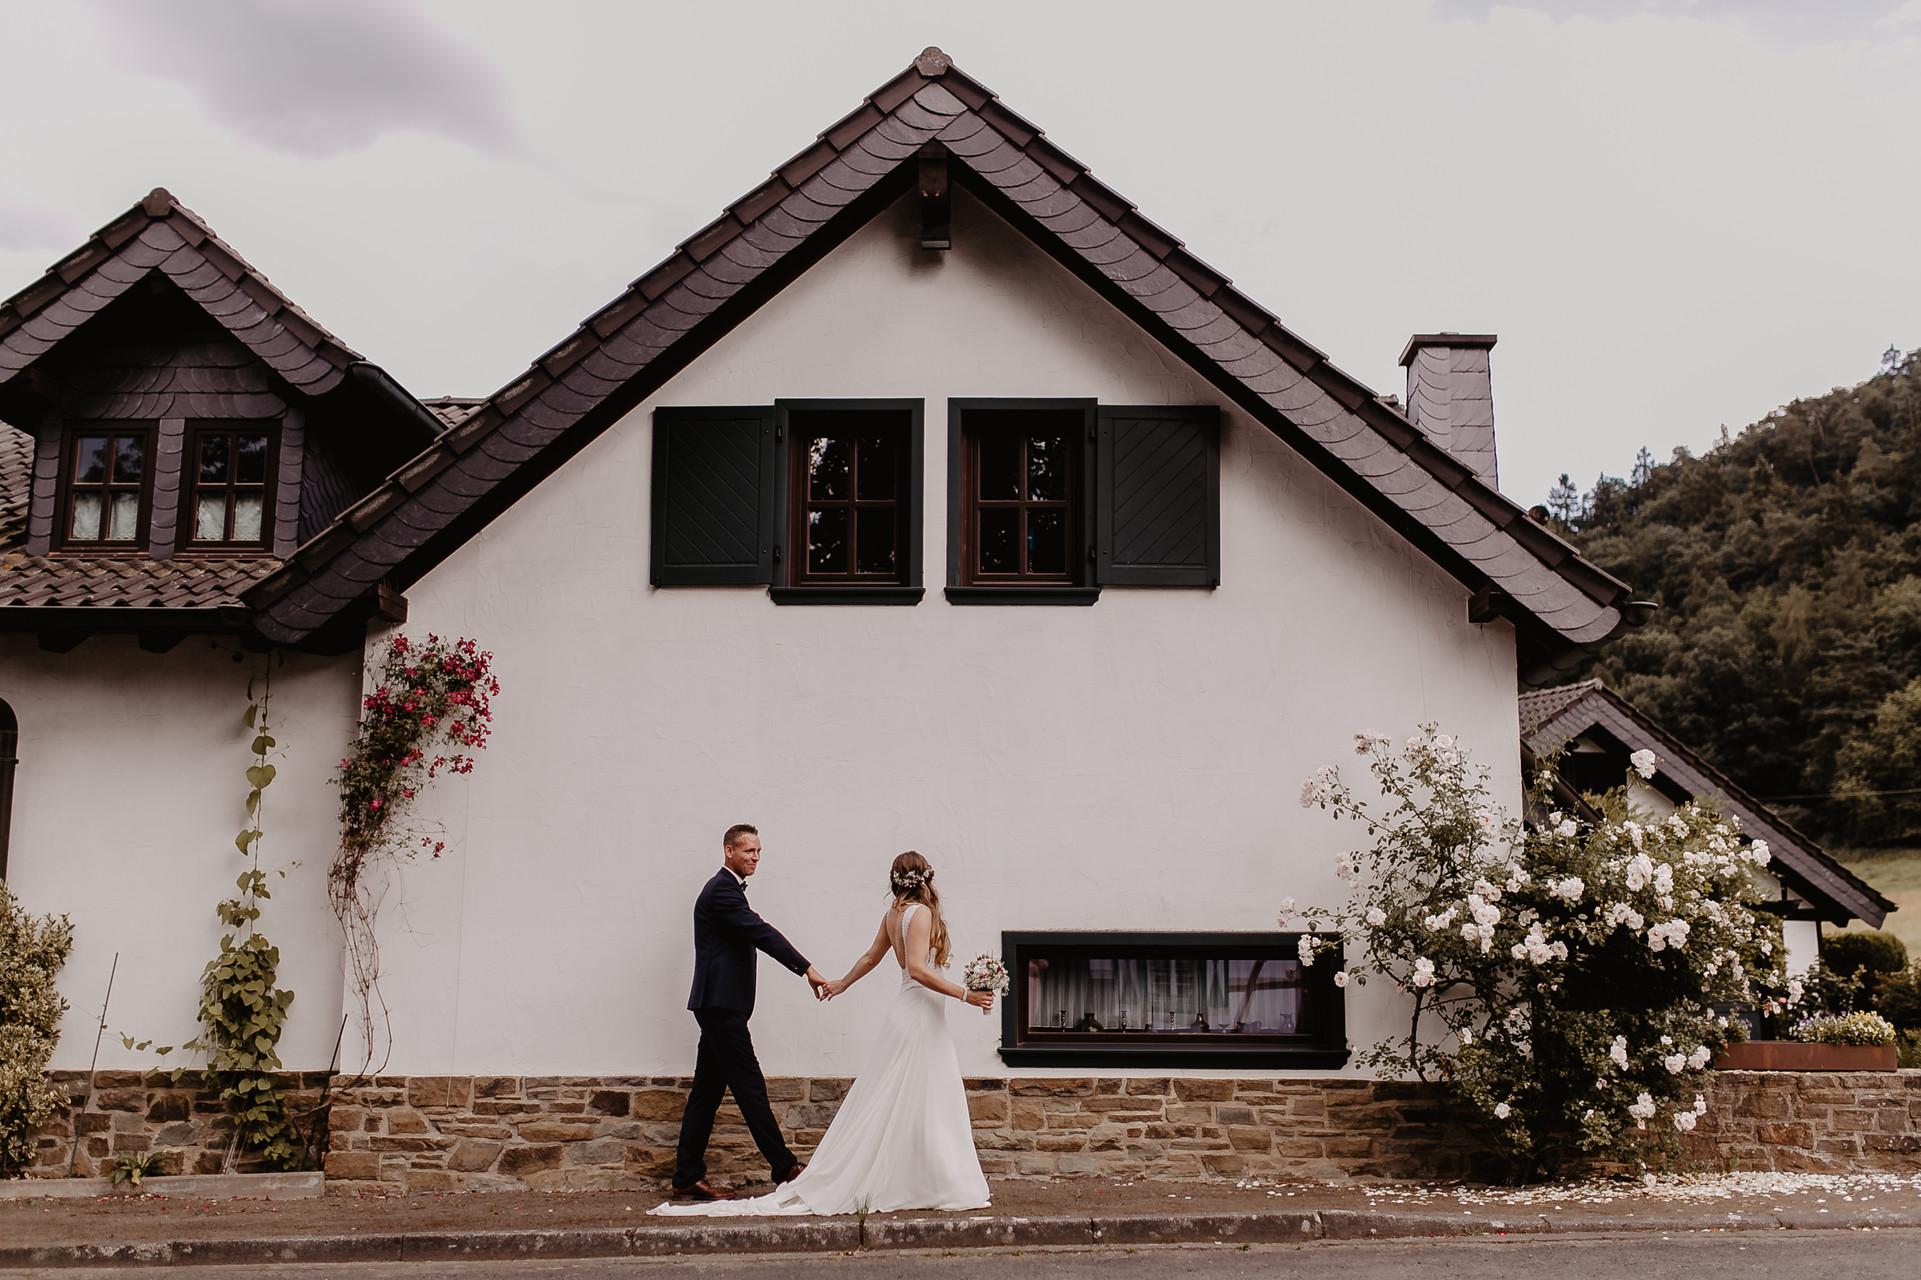 Hochzeit_Insul_Keulers_Lichtliebe_29.JPG